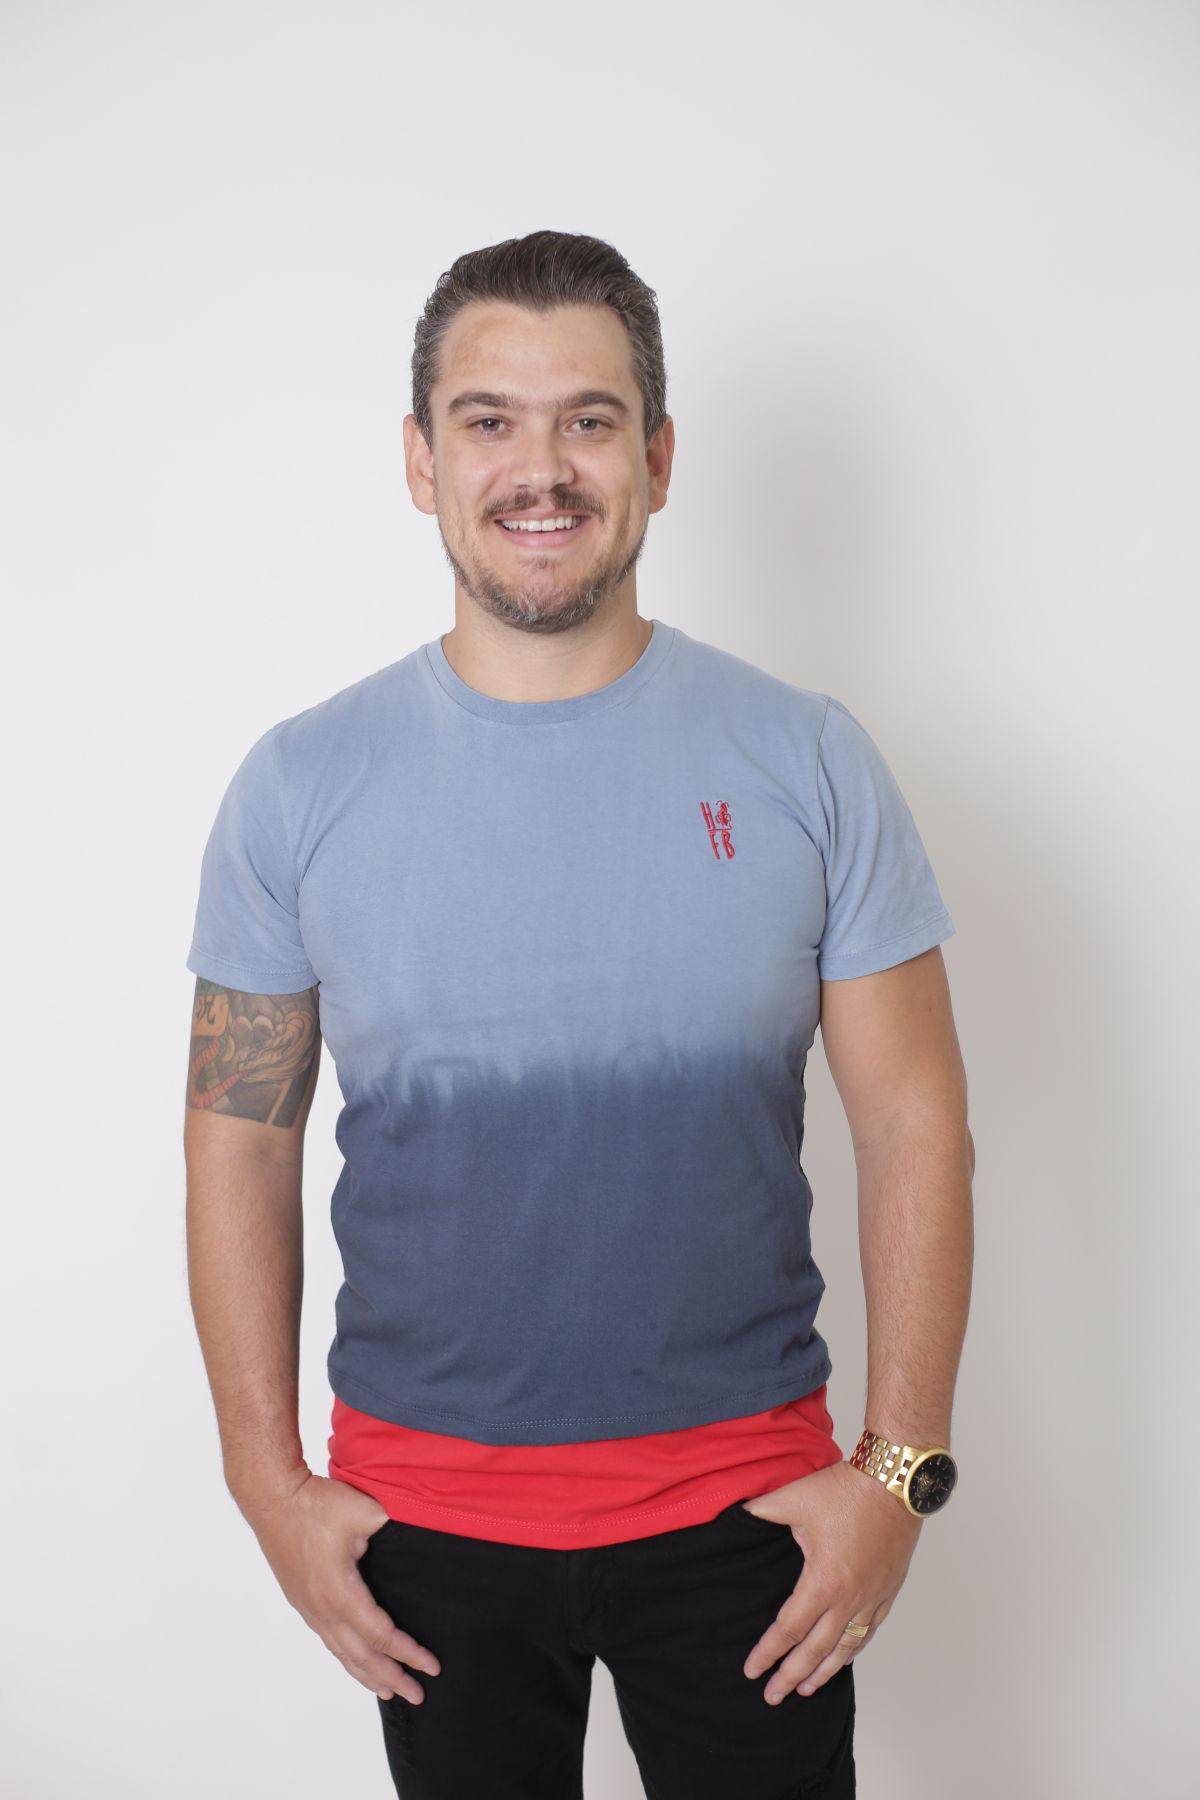 T-Shirt - Degradê Masculina